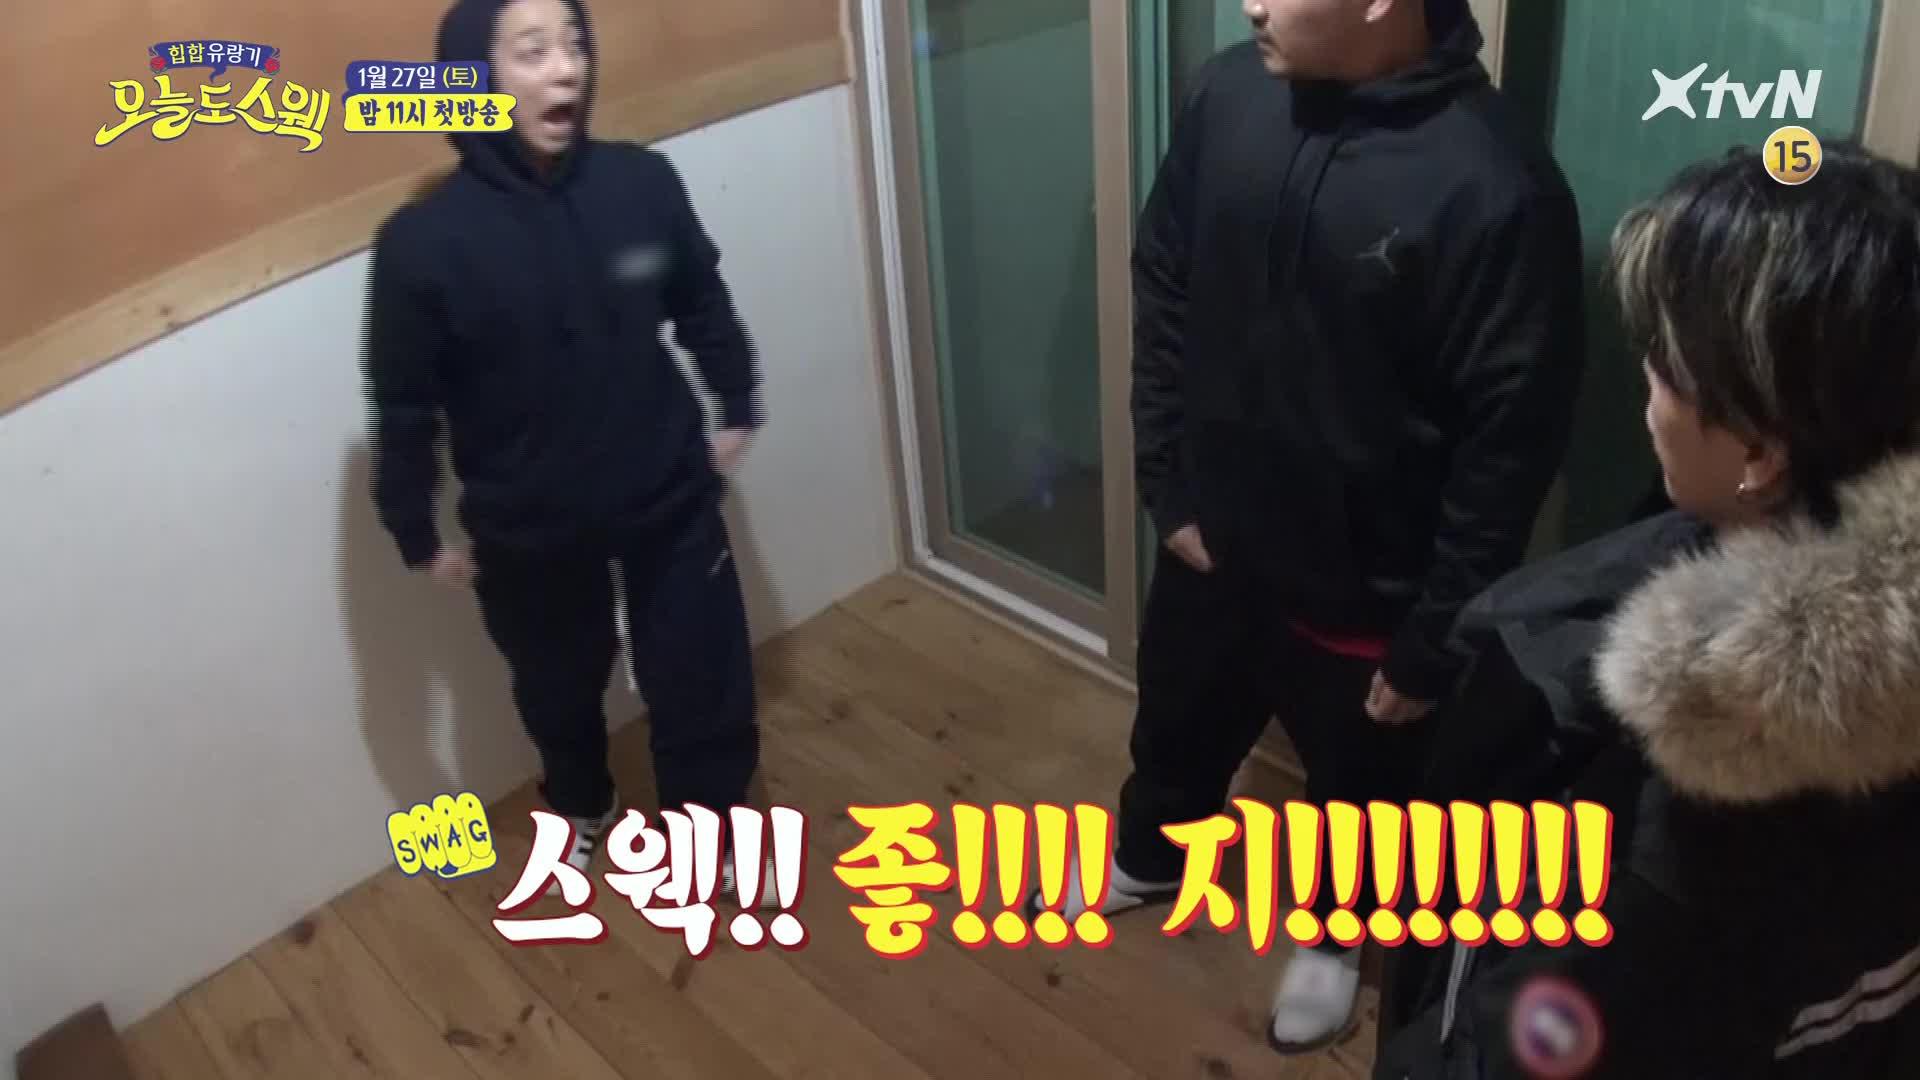 [오늘도스웩] 래퍼들은 분량확보도 스웩 넘치게?! (feat.슬리피)